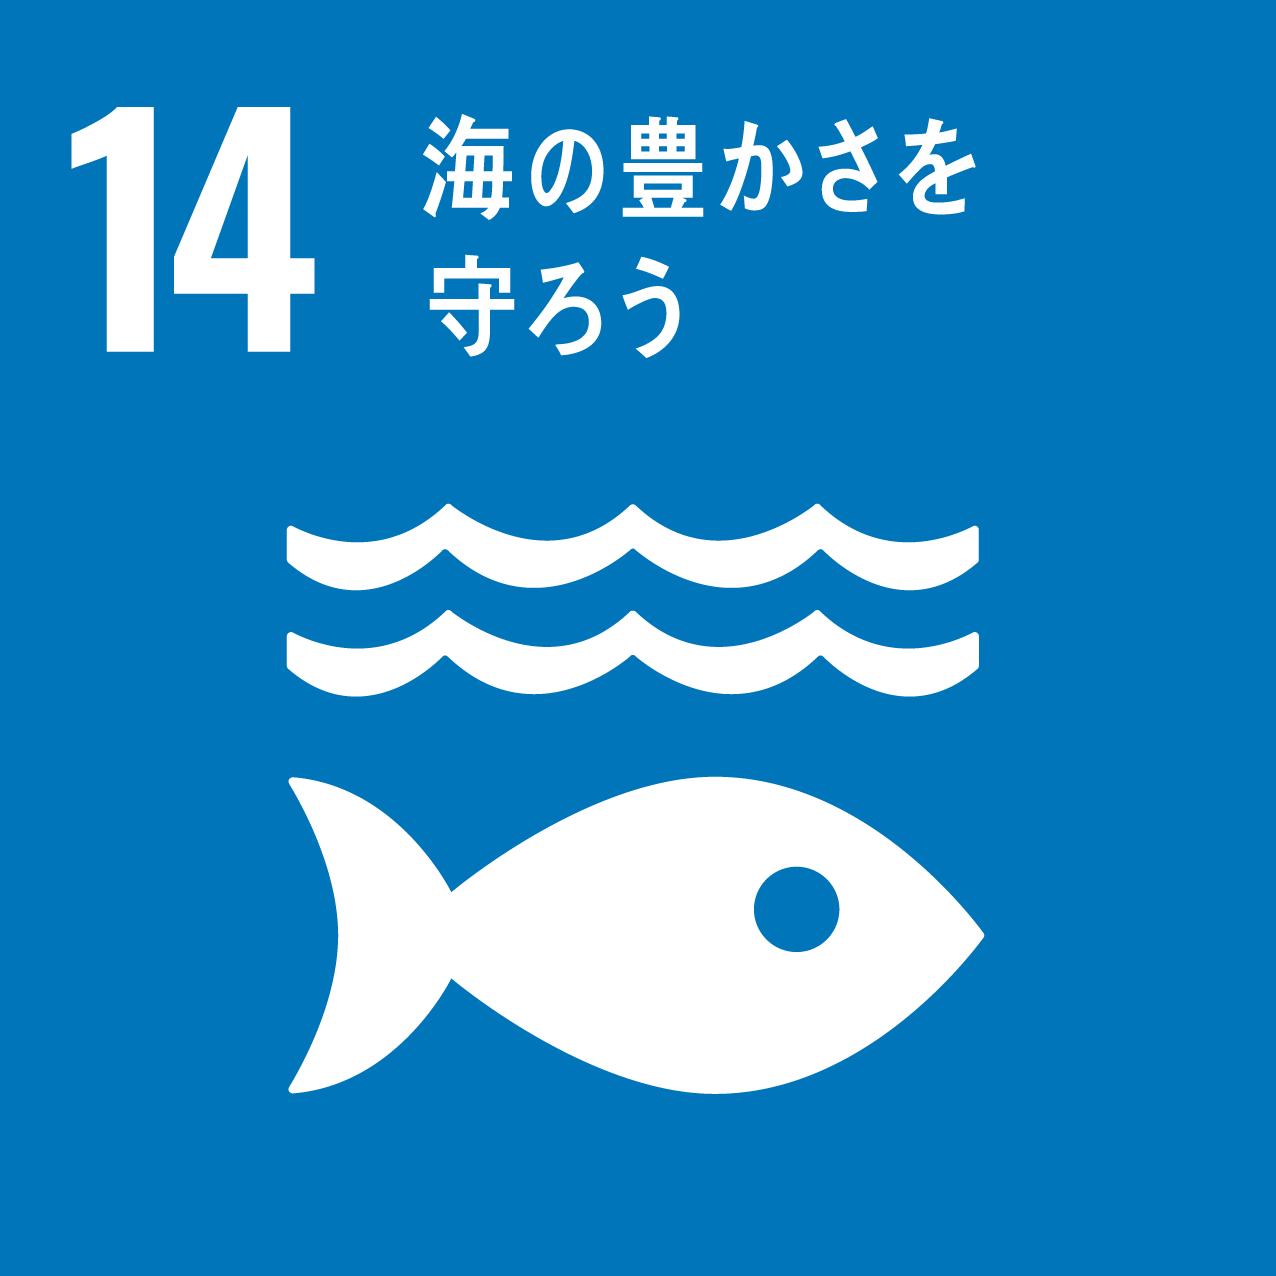 14: 海の豊かさを守ろう